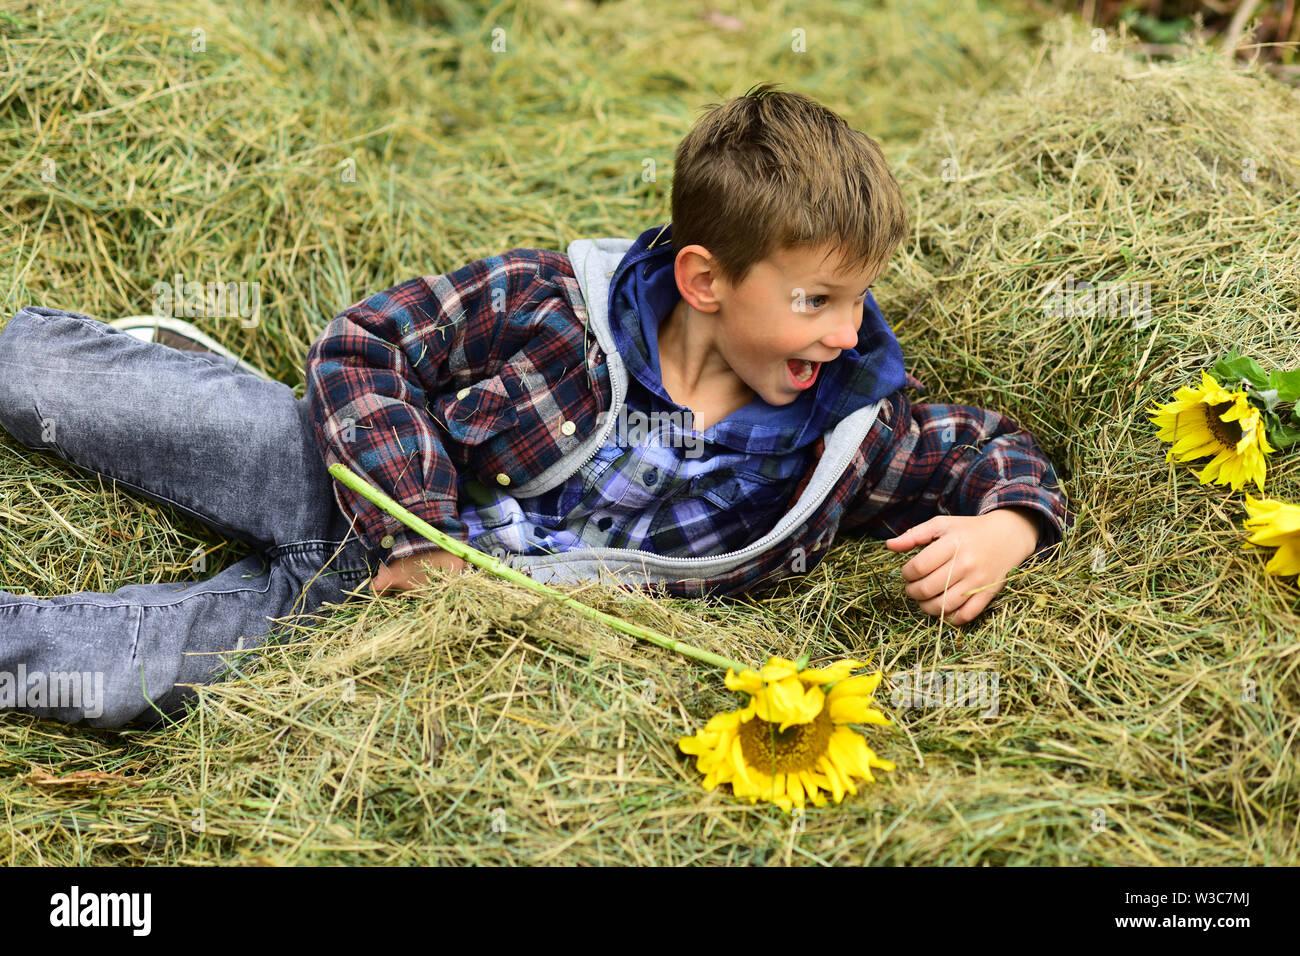 Simplemente relajarse. Relájese en el niño pequeño trastero. Pequeño niño acostado en trastero en el campo. Una forma estupenda de relajarse Foto de stock